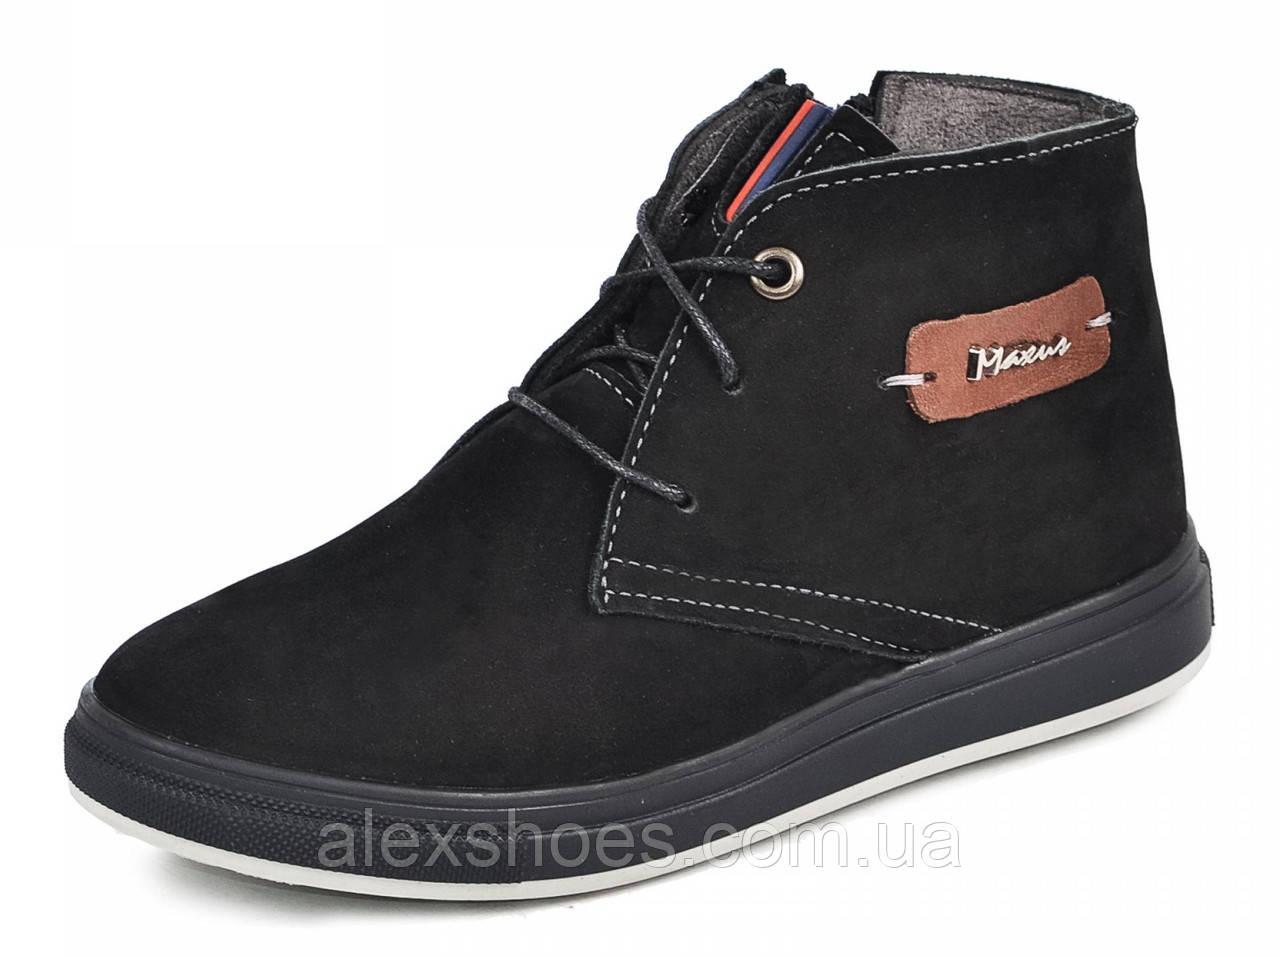 Ботинки подростковые из натурального нубука от производителя модель МАК838